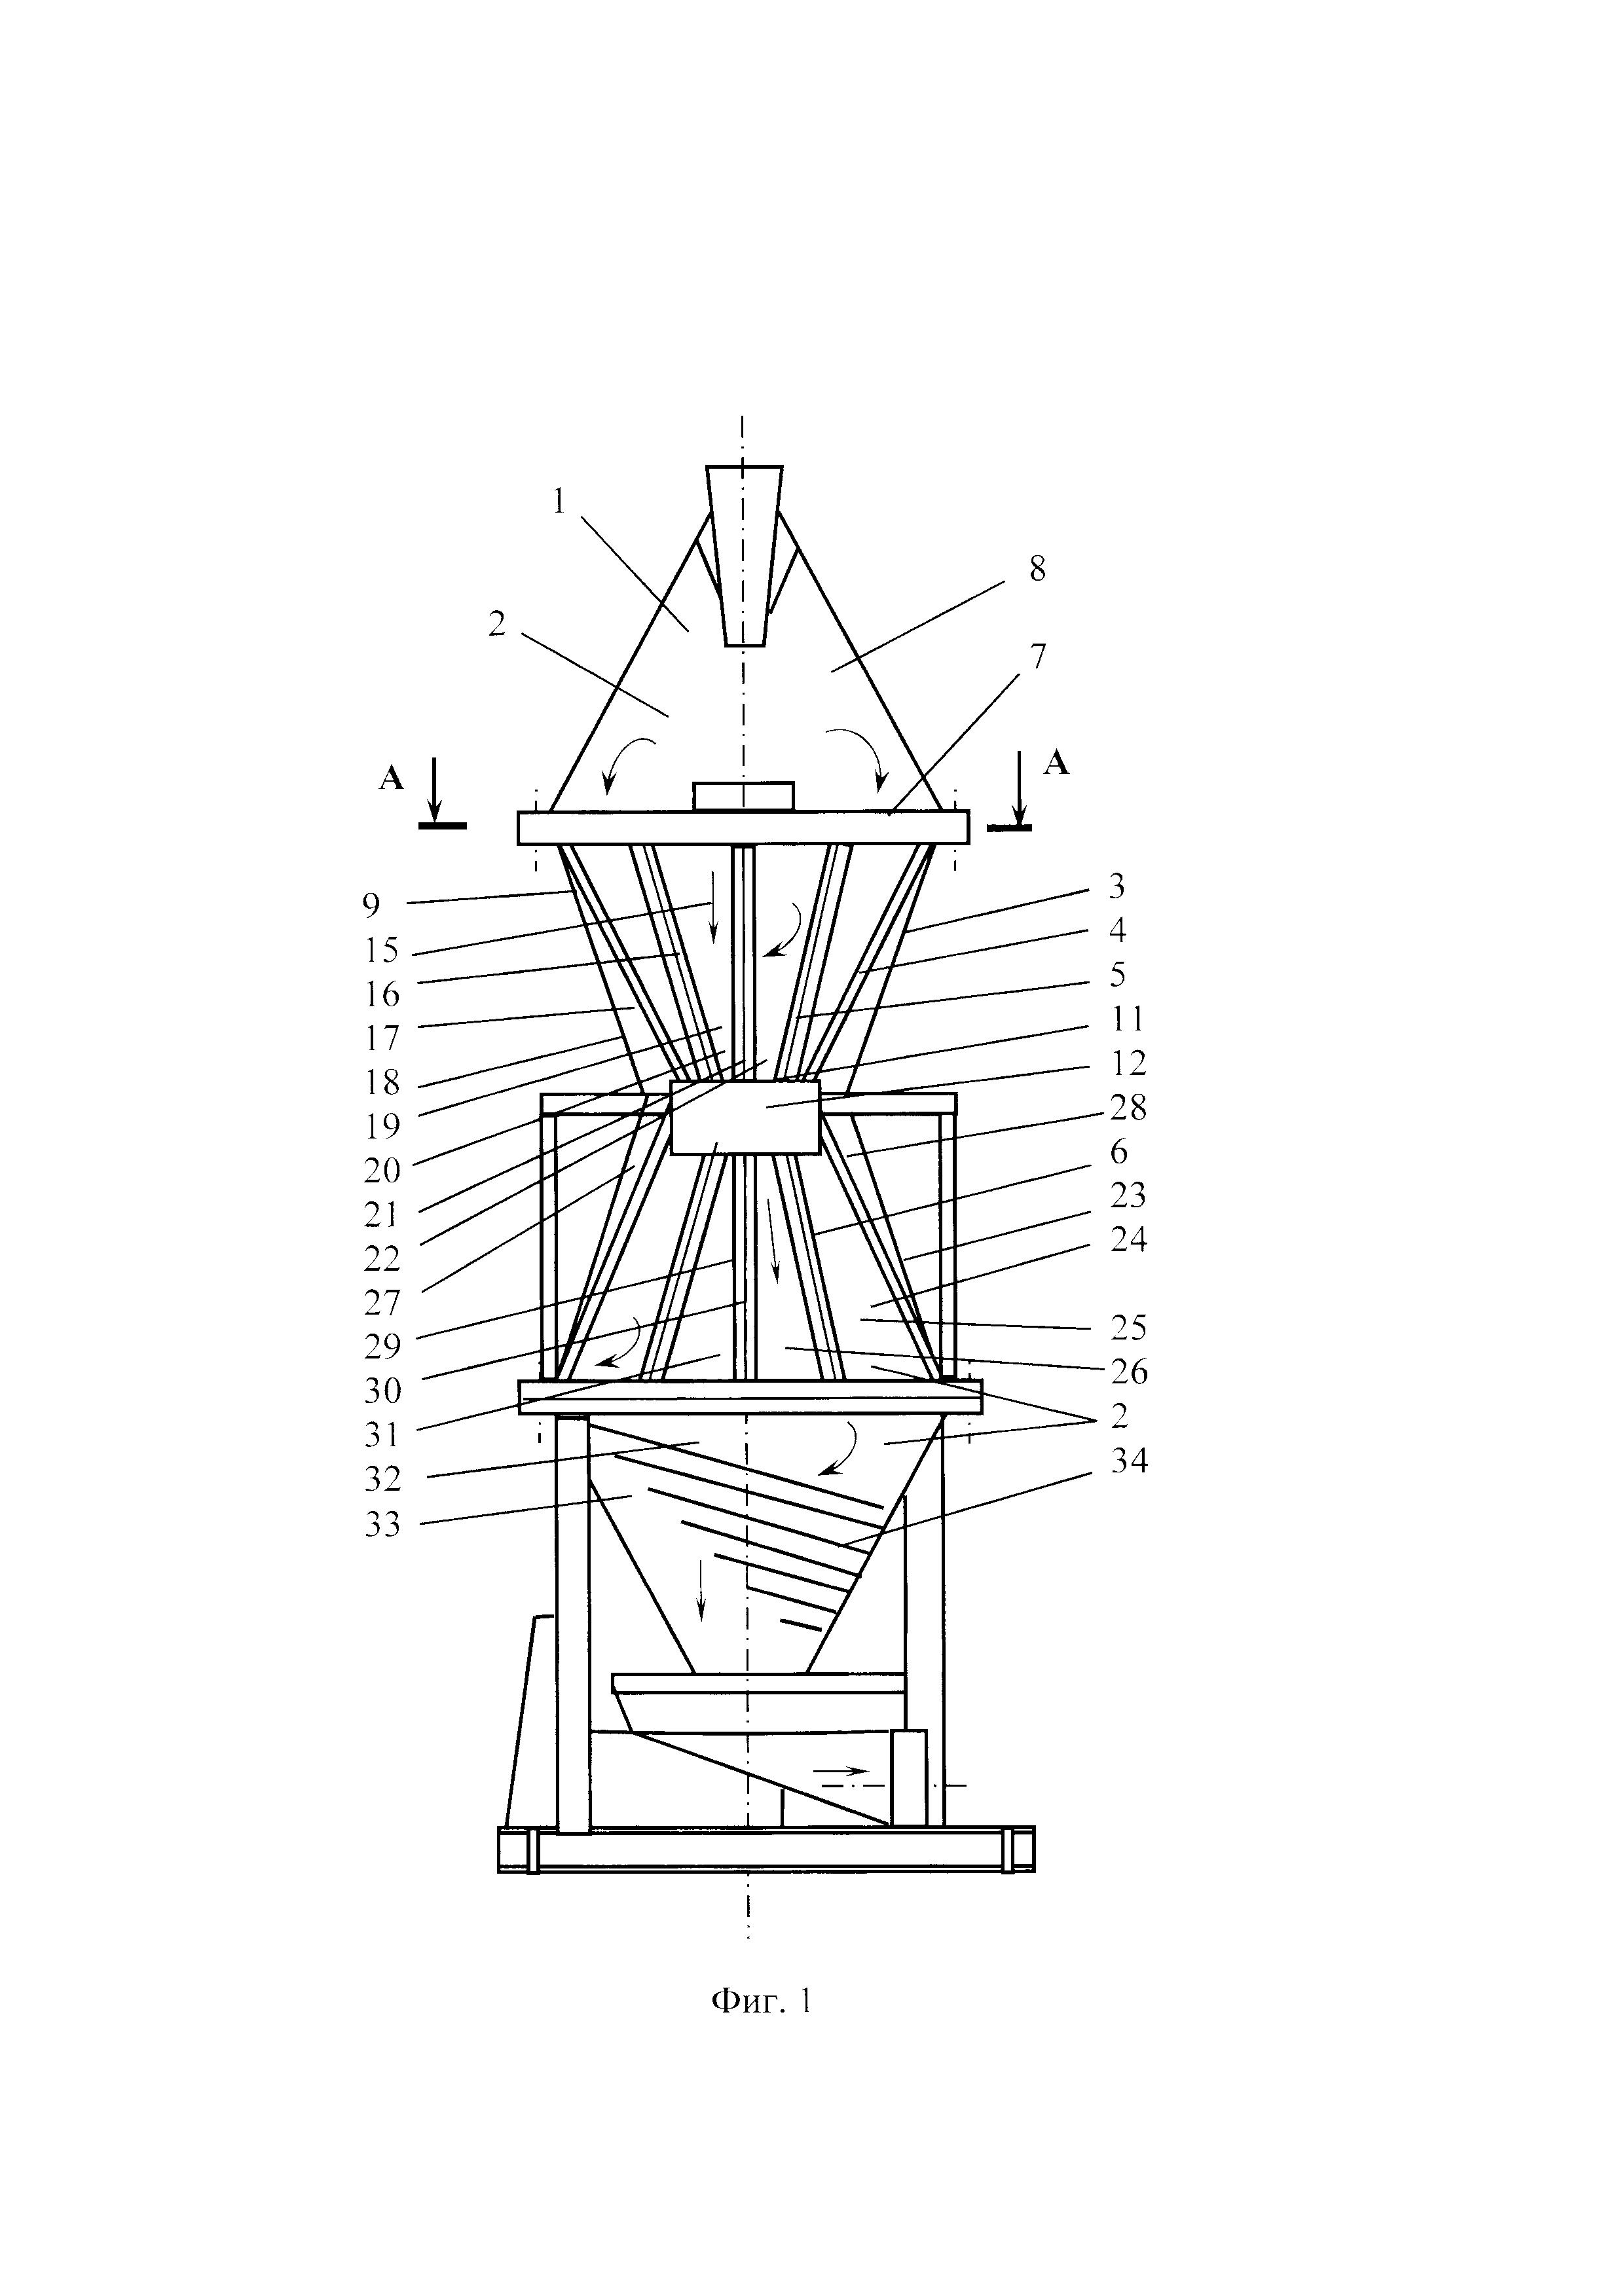 Способ кавитационно-гидродинамической микродезинтеграции высокоглинистой полиминеральной составляющей гидросмеси